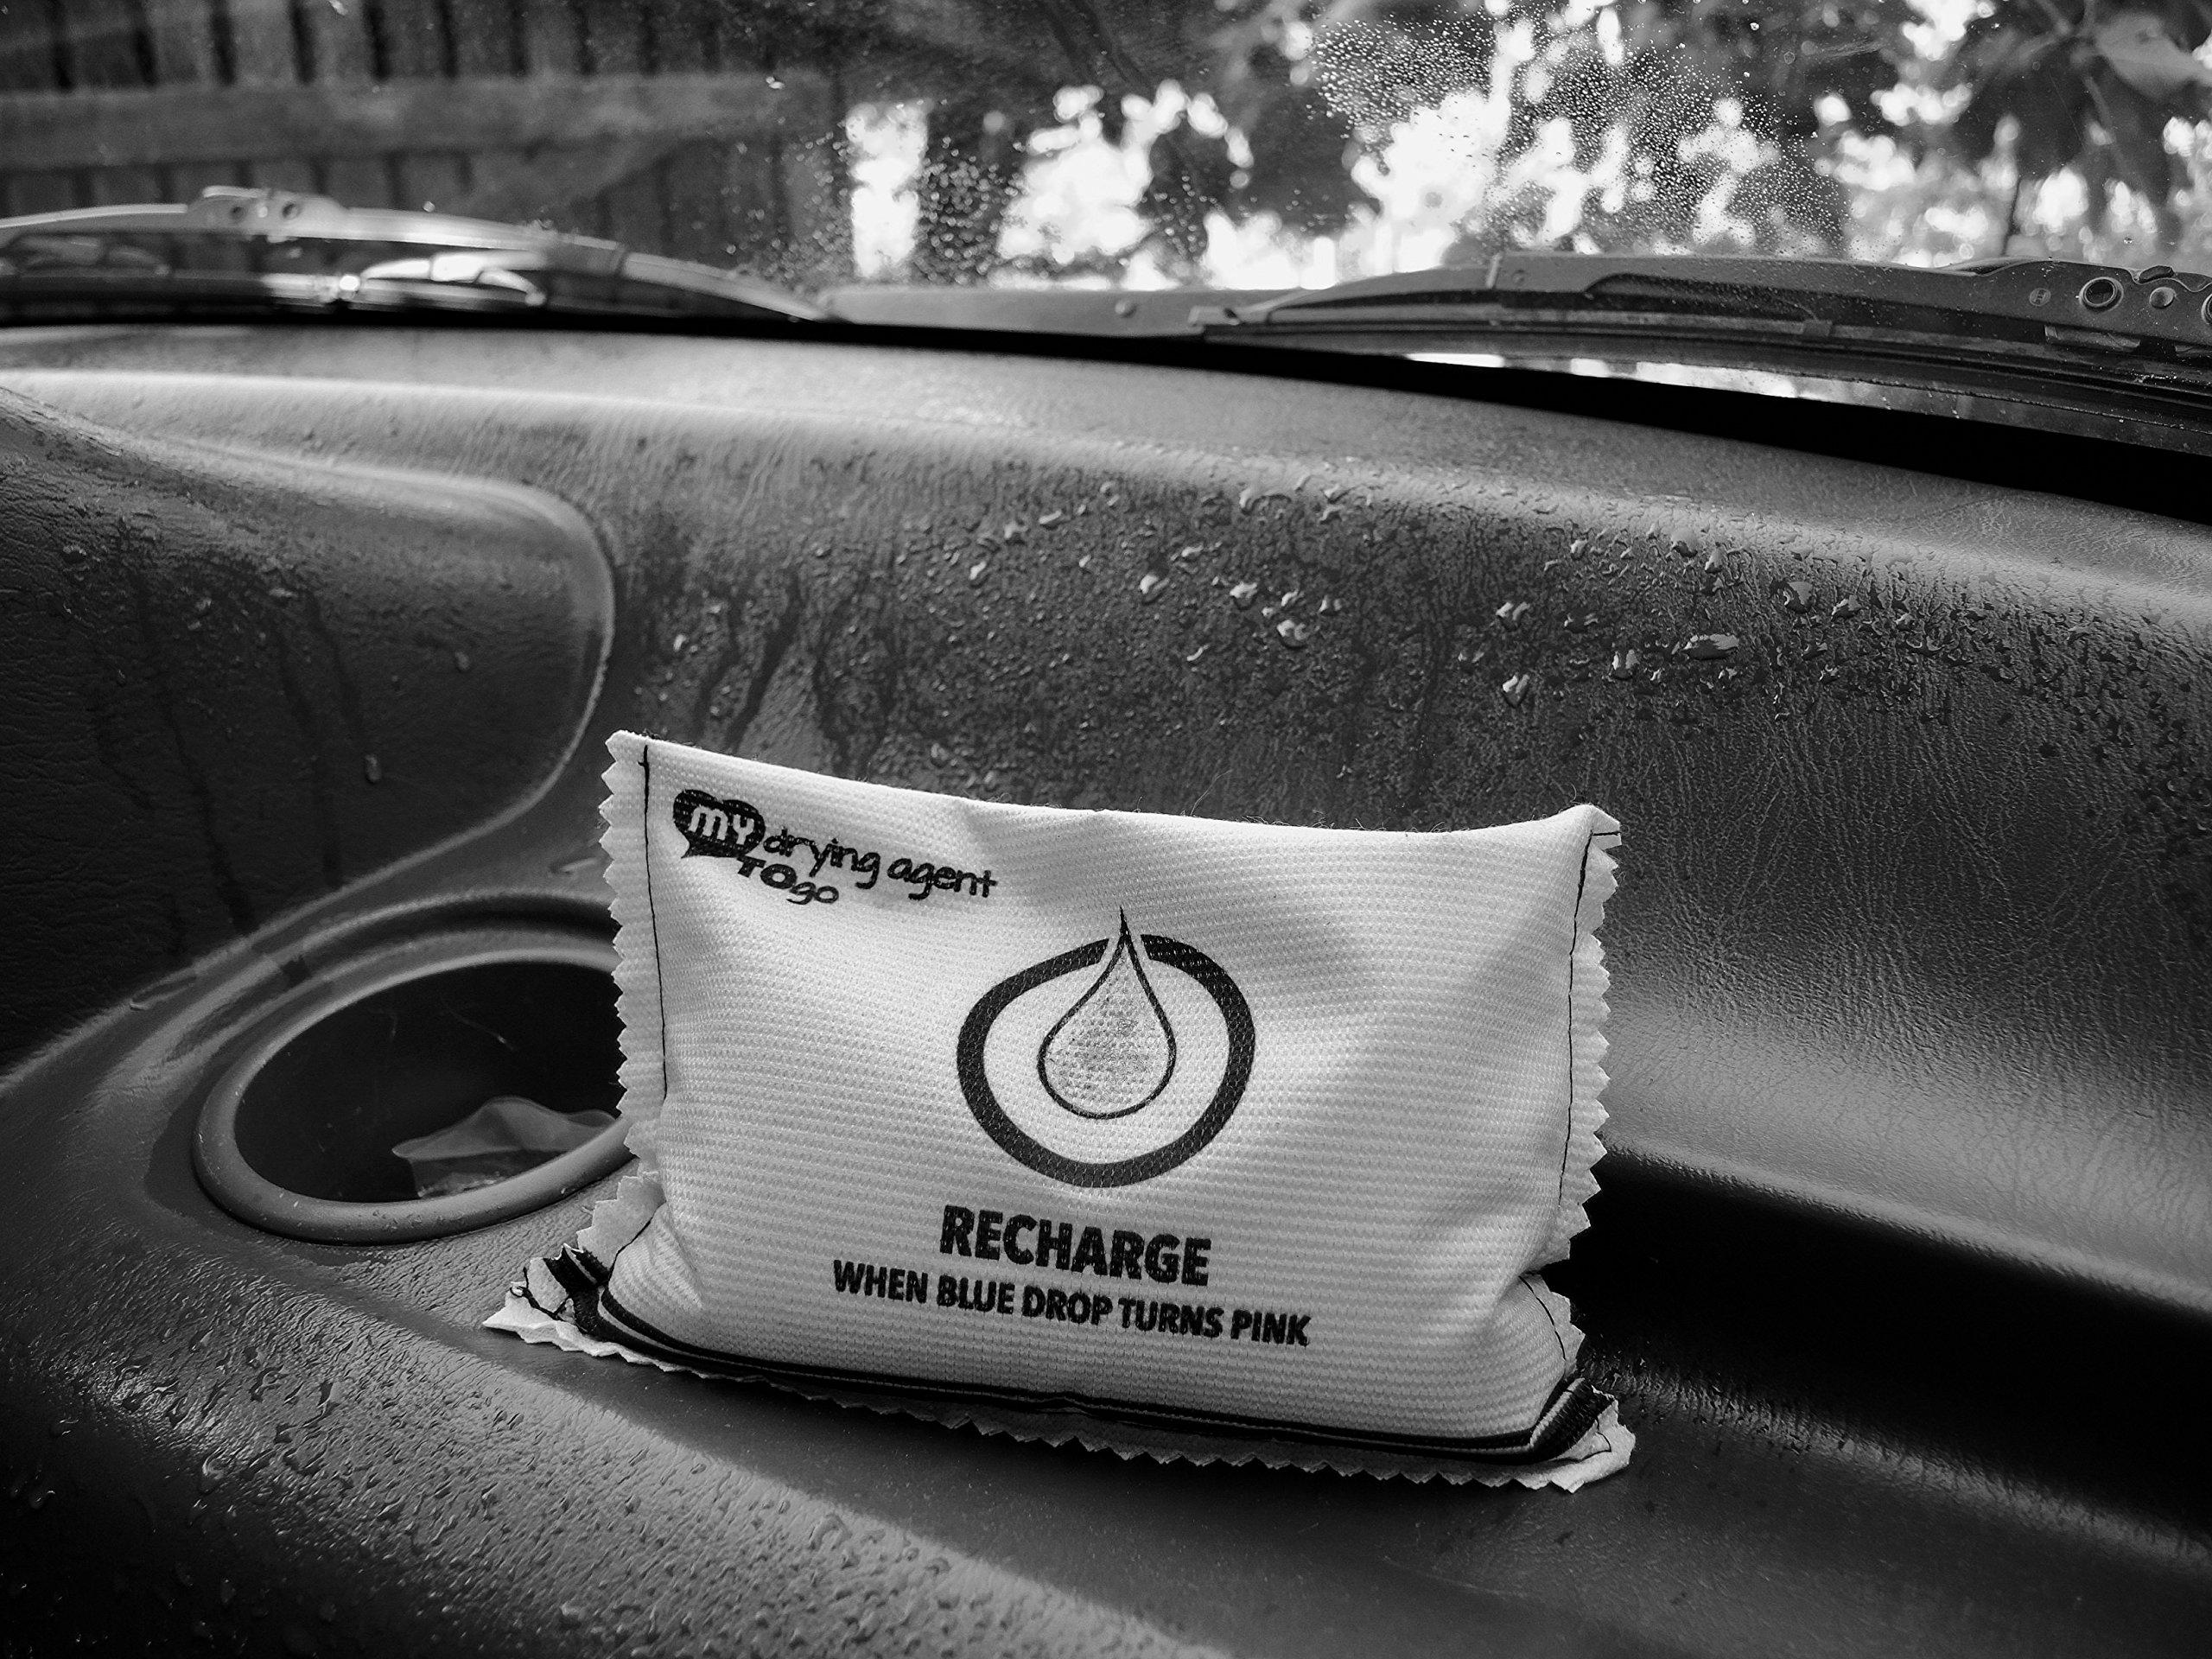 Deshumidificador, gel de silice reutilizable My drying agent TO go - elimina la humedad evitando el moho, hongos y los malos olores - ideal en la auto-caravana, armario, barco, coche, el hogar, baño